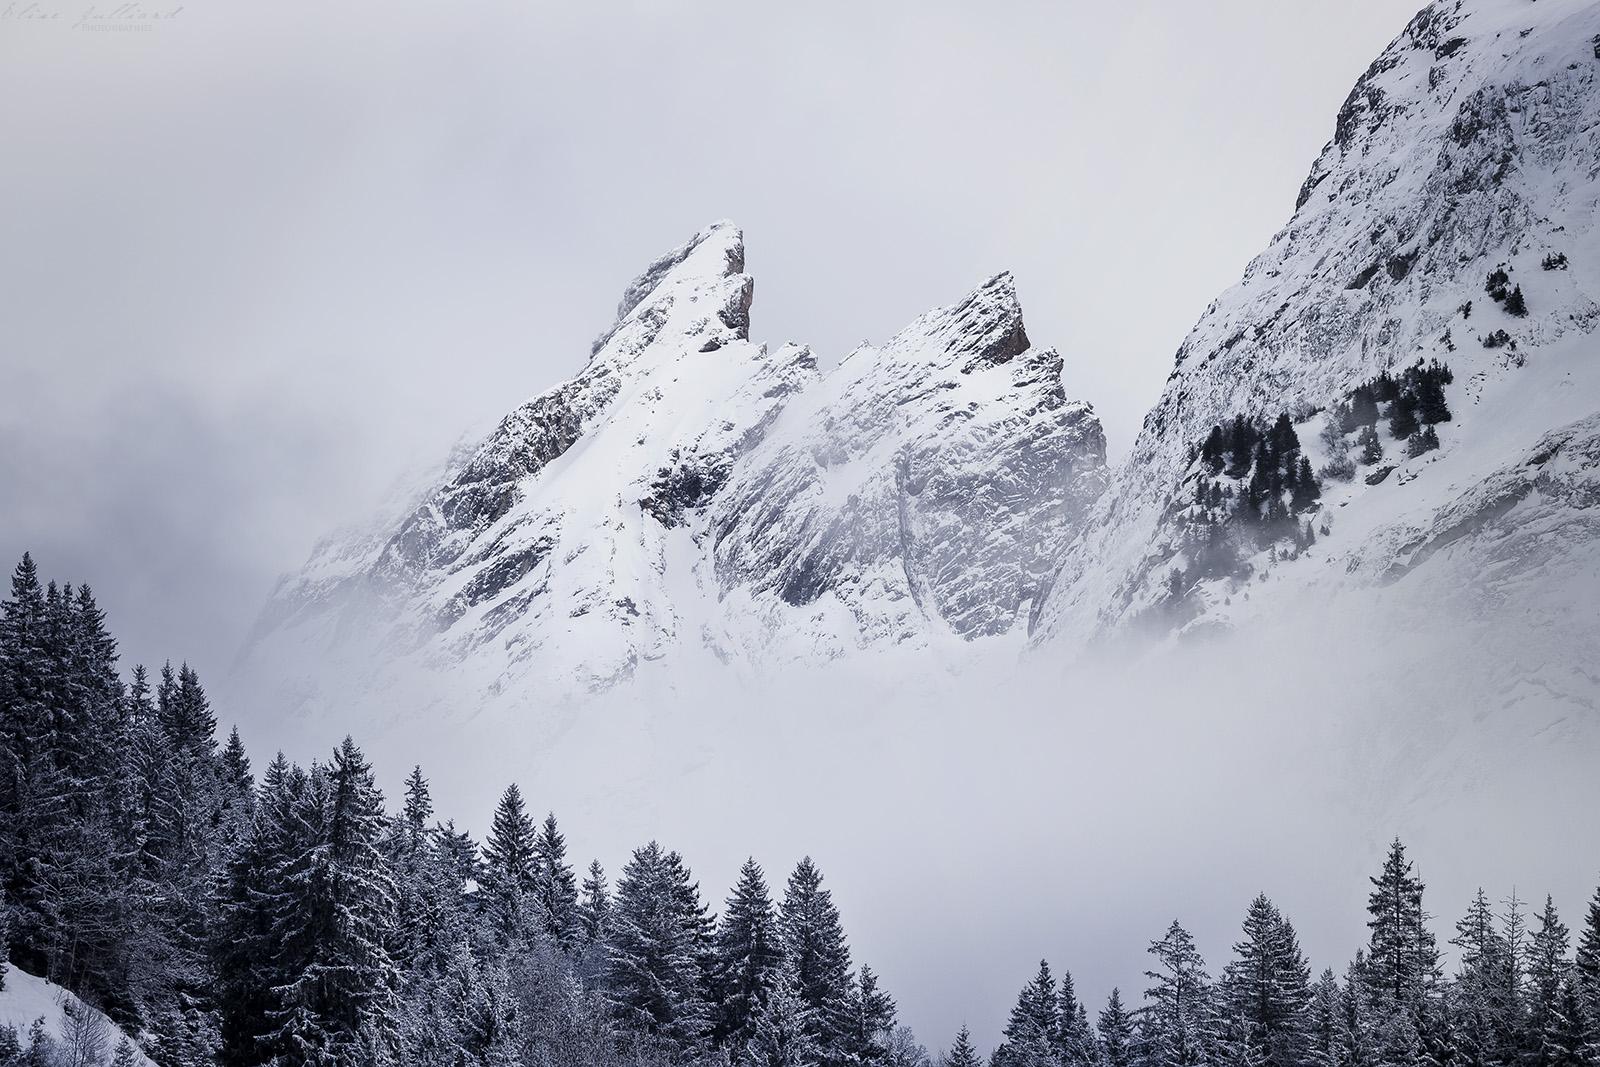 grande-petite-aiguille-de-arcelin-grand-marchet-pralognan-la-vanoise-parc-national-montagne-hiver-neige-savoie-mont-blanc-auvergne-rhone-alpes-tarentaise